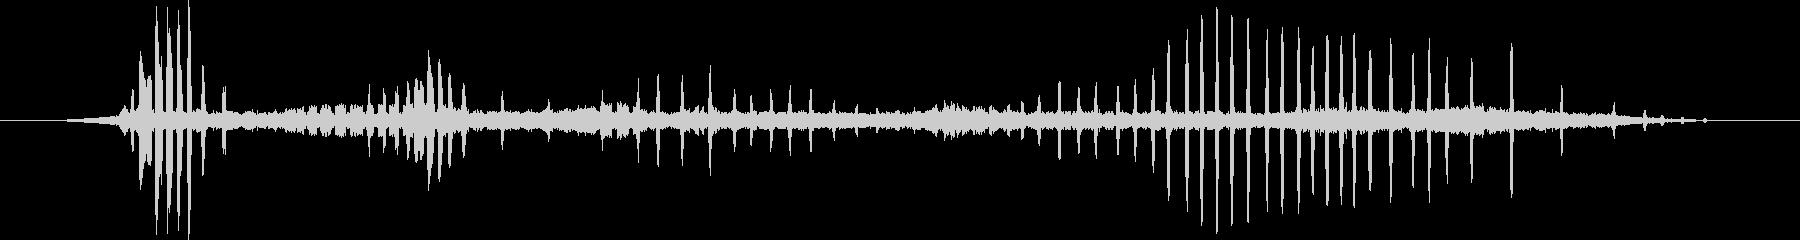 レッサーナイトホーク:呼び出し、鳥の未再生の波形